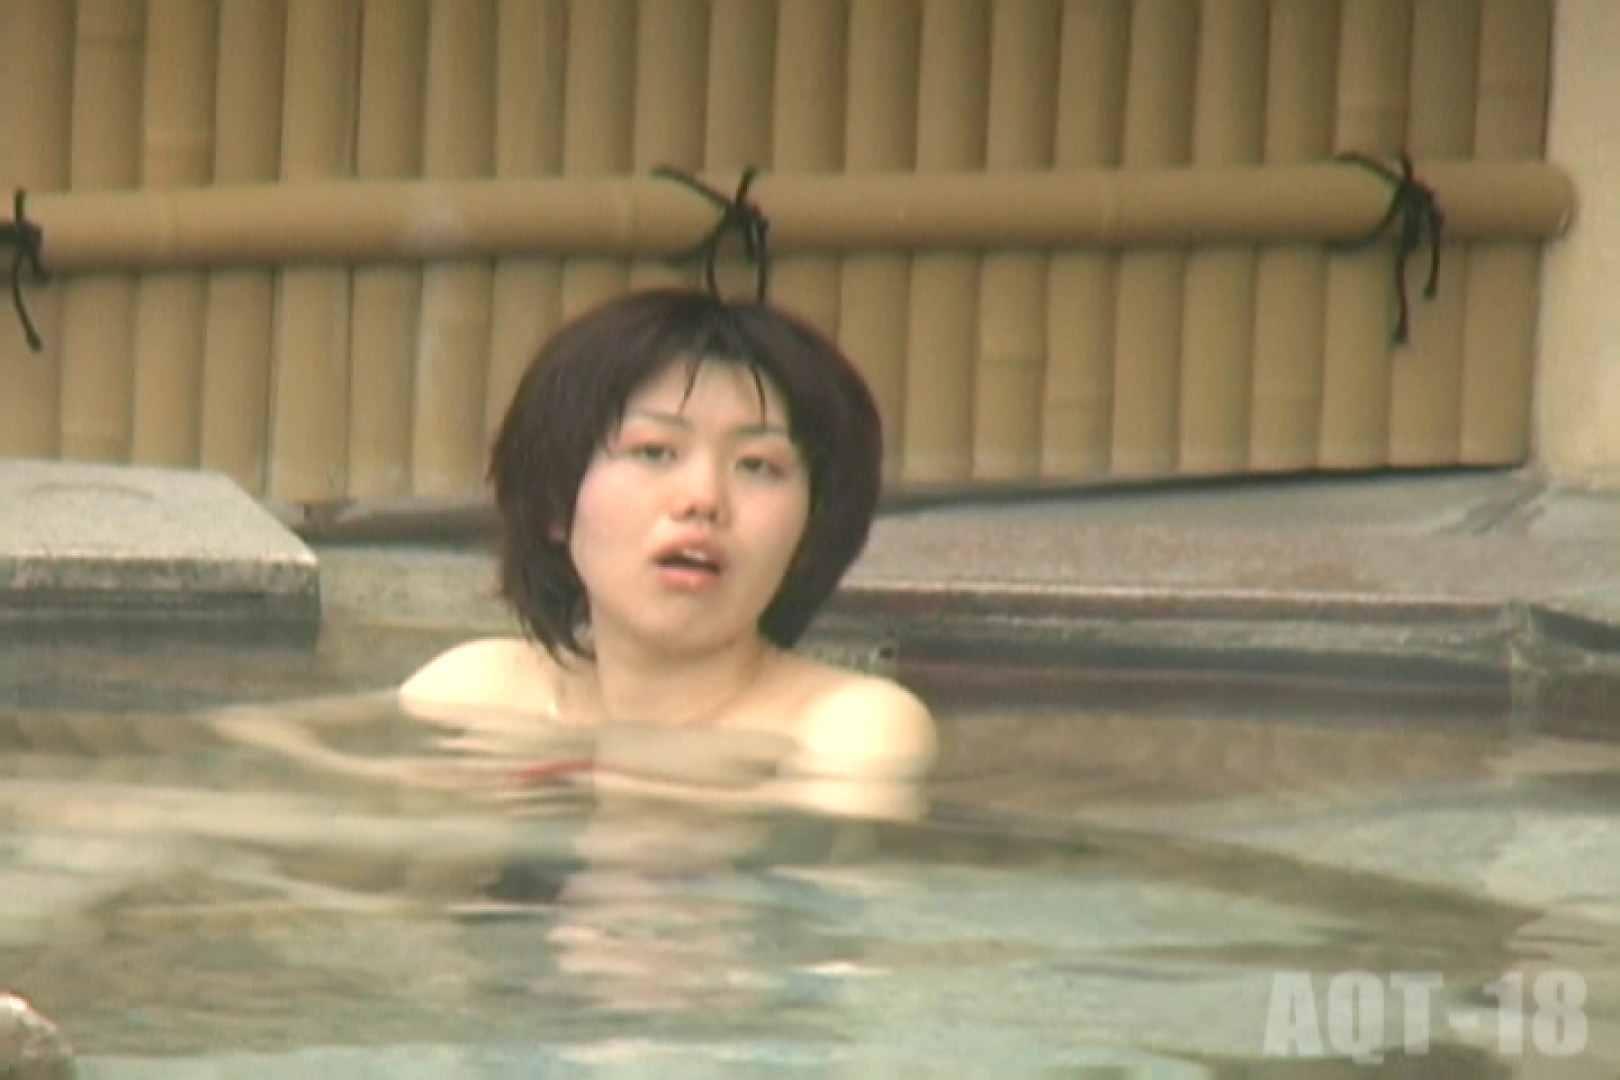 Aquaな露天風呂Vol.861 盗撮師作品 | 美しいOLの裸体  104pic 16